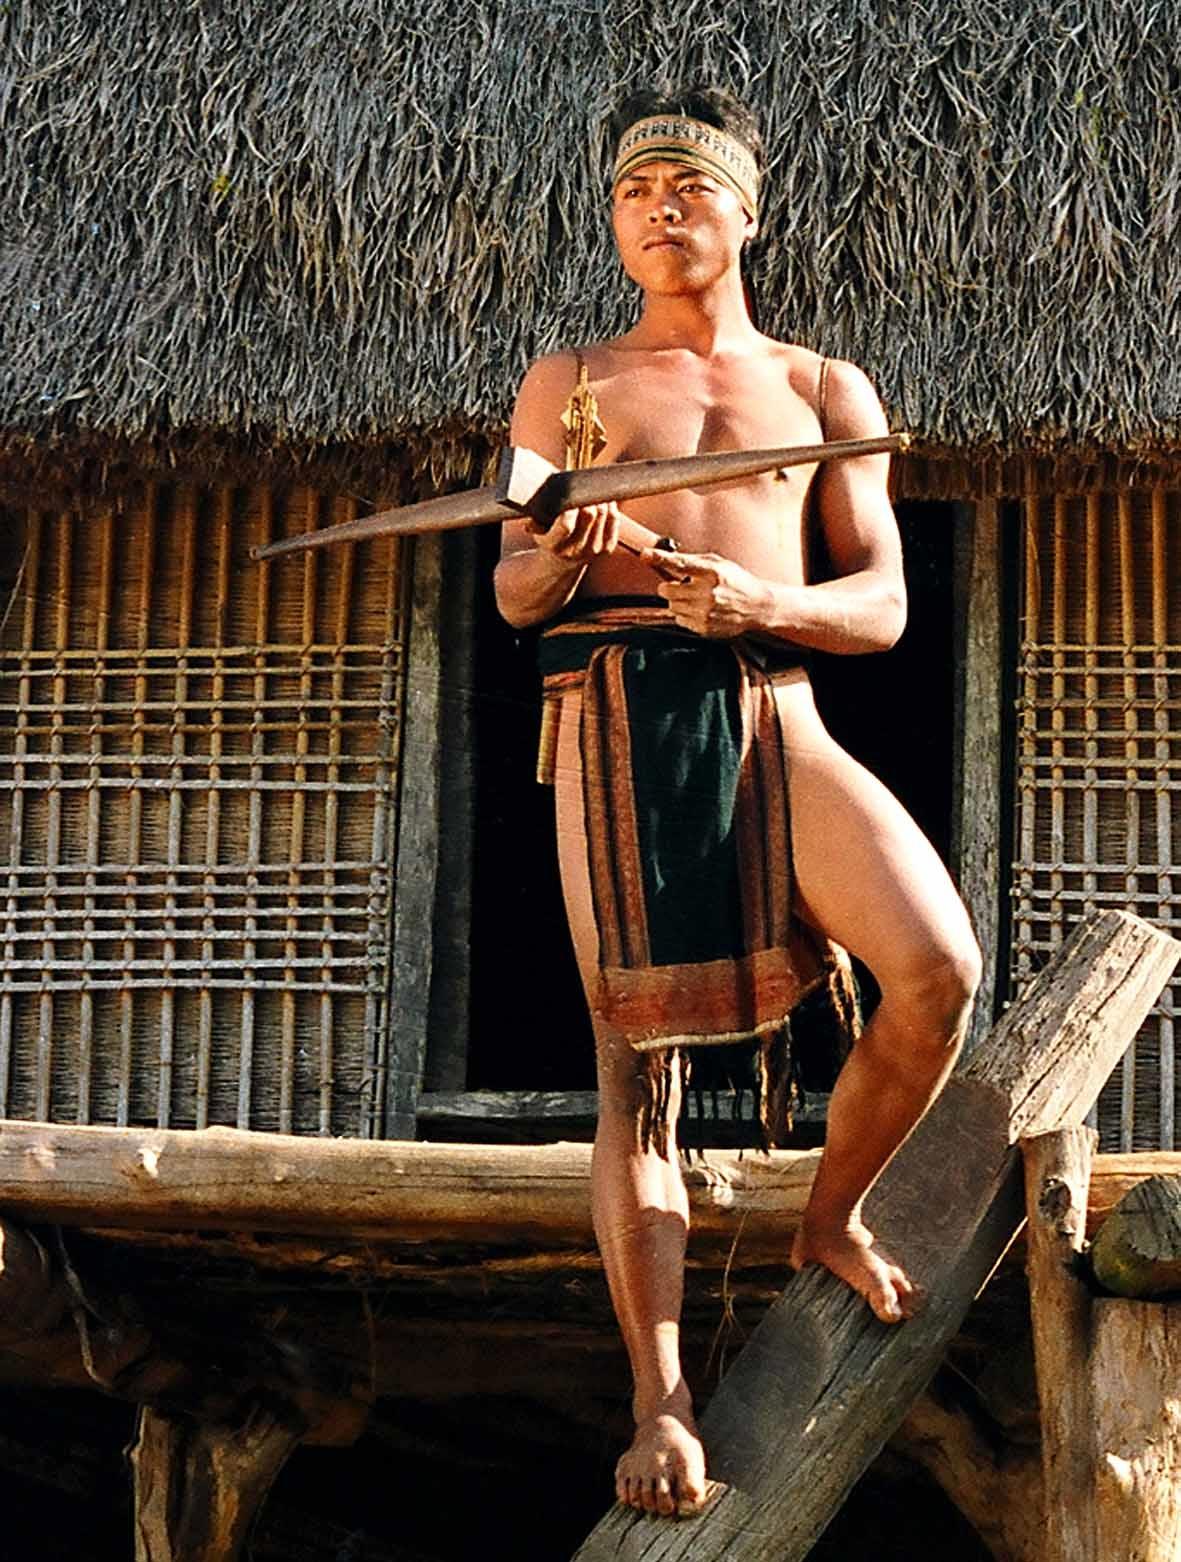 Chàng trai Bahnar và cây nỏ. Ảnh: Ngọc Tấn